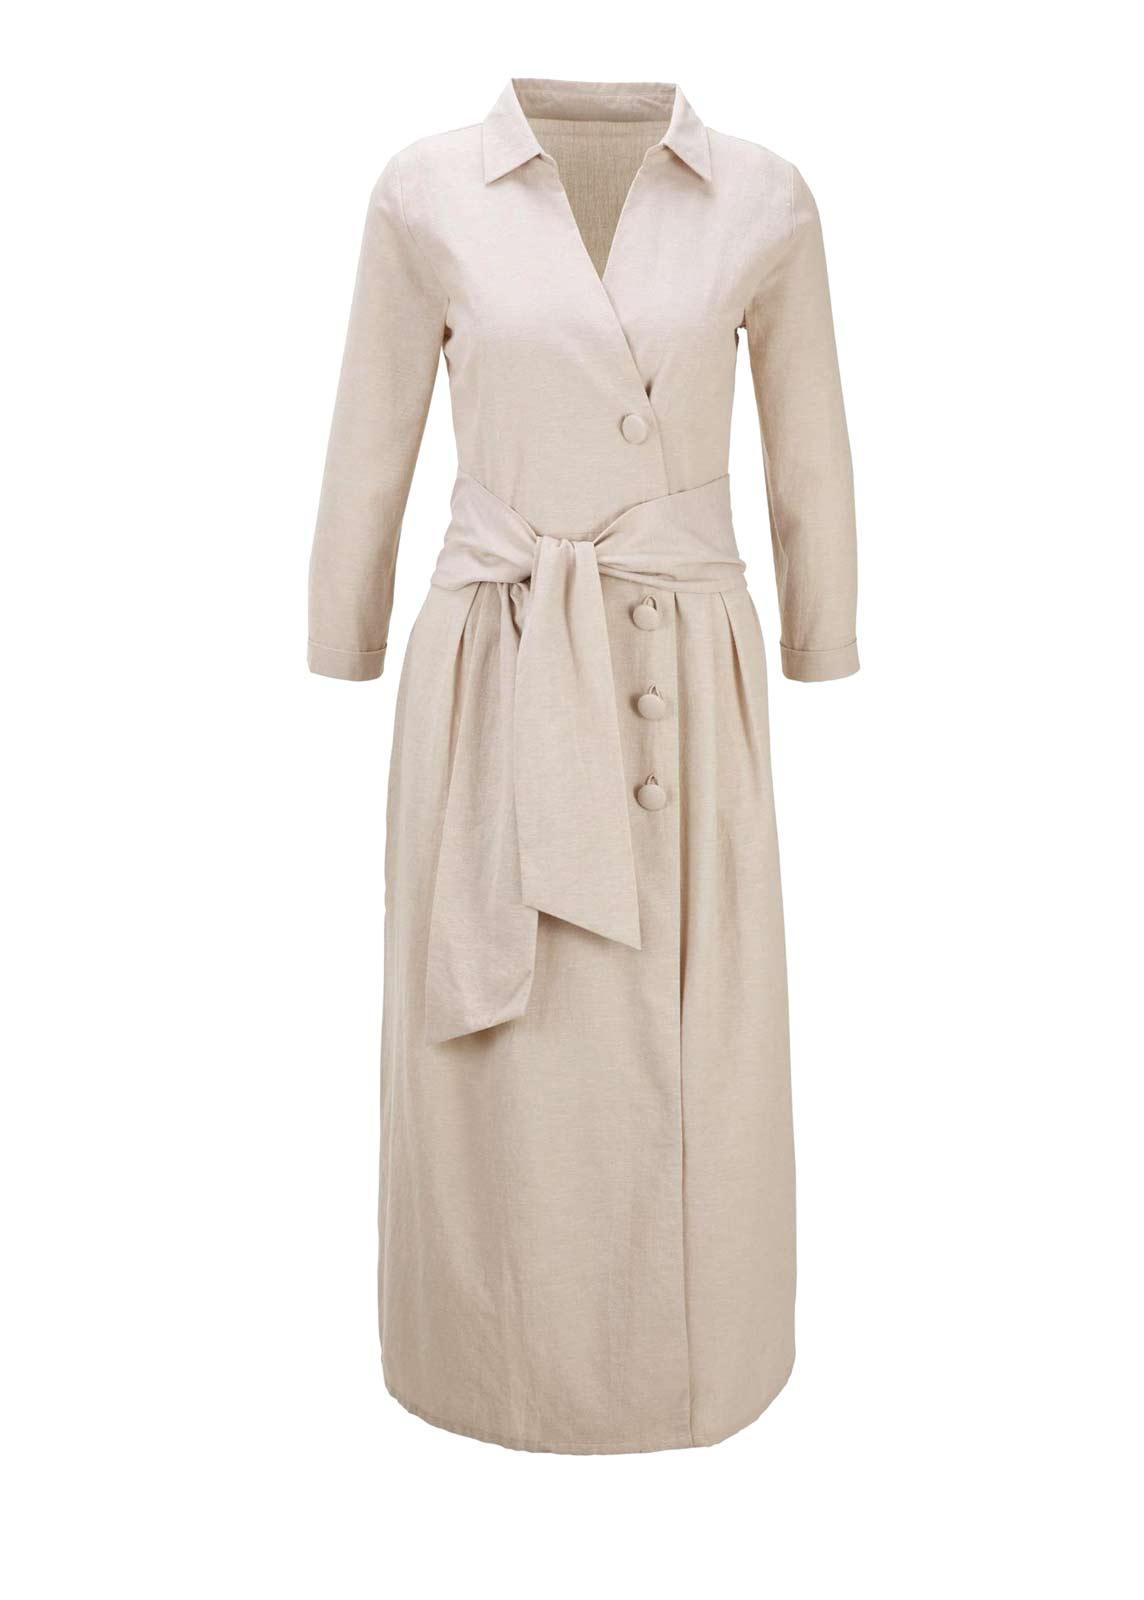 wadenlange kleider für besondere anlässe HEINE Damen Designer-Leinenkleid Sommerkleid Midikleid Bindegürtel Beige 455.741 missforty